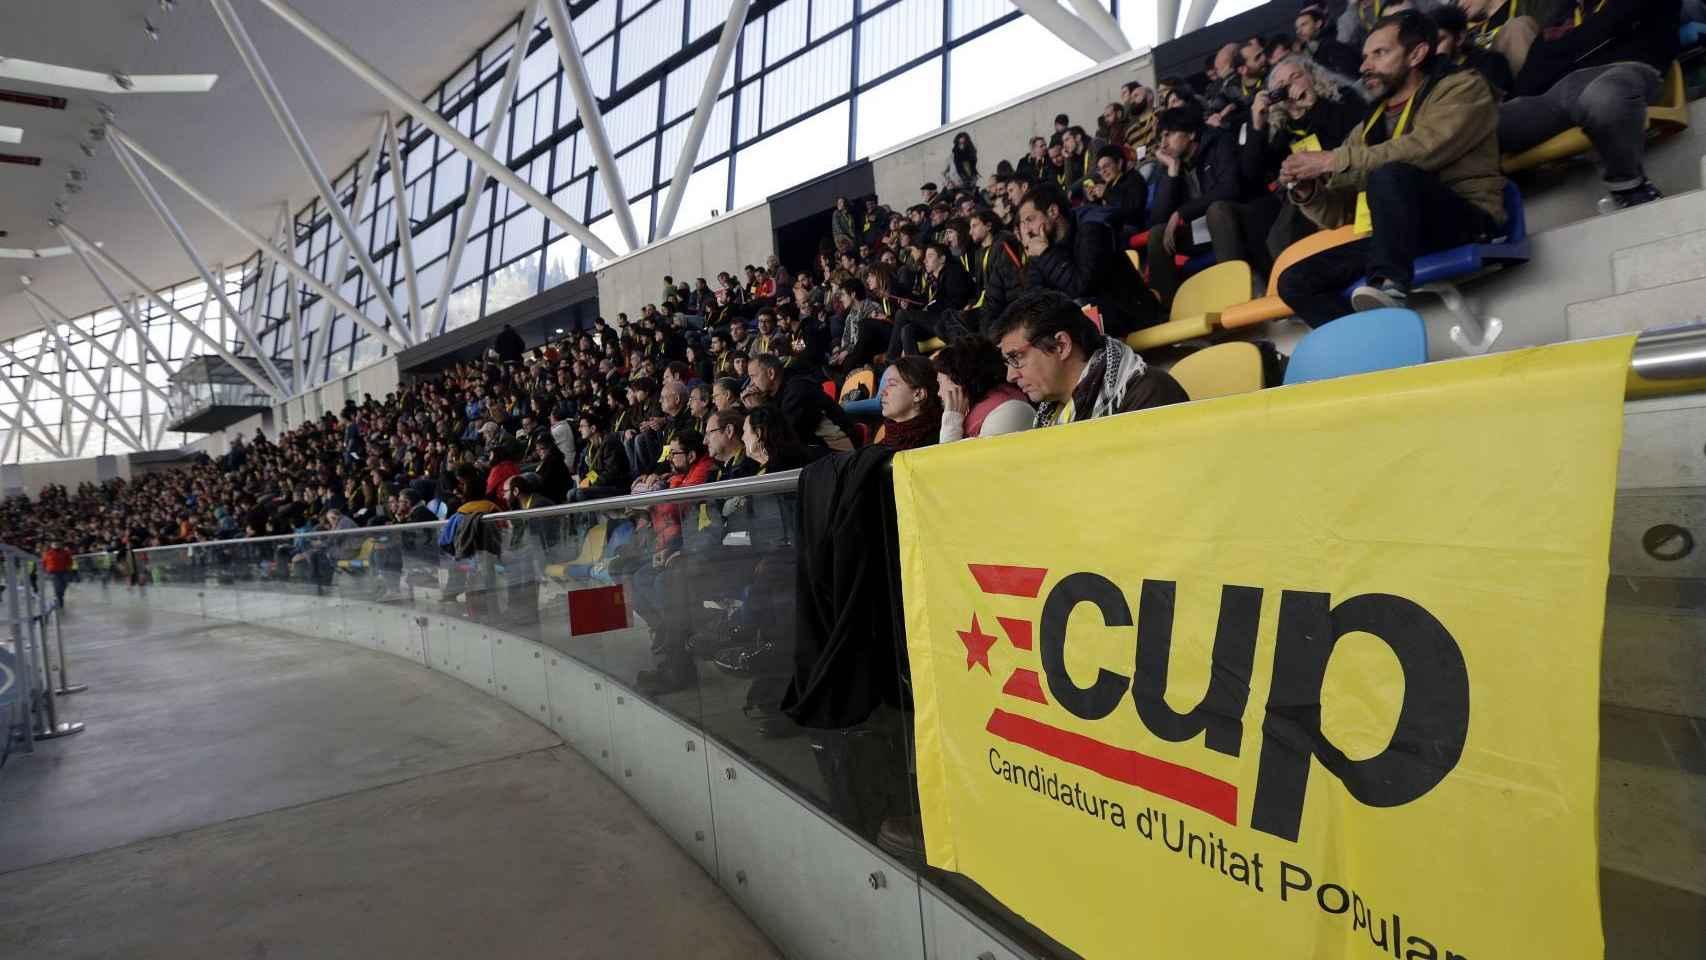 La asamblea de la CUP en la pista de atletismo de Sabadell.